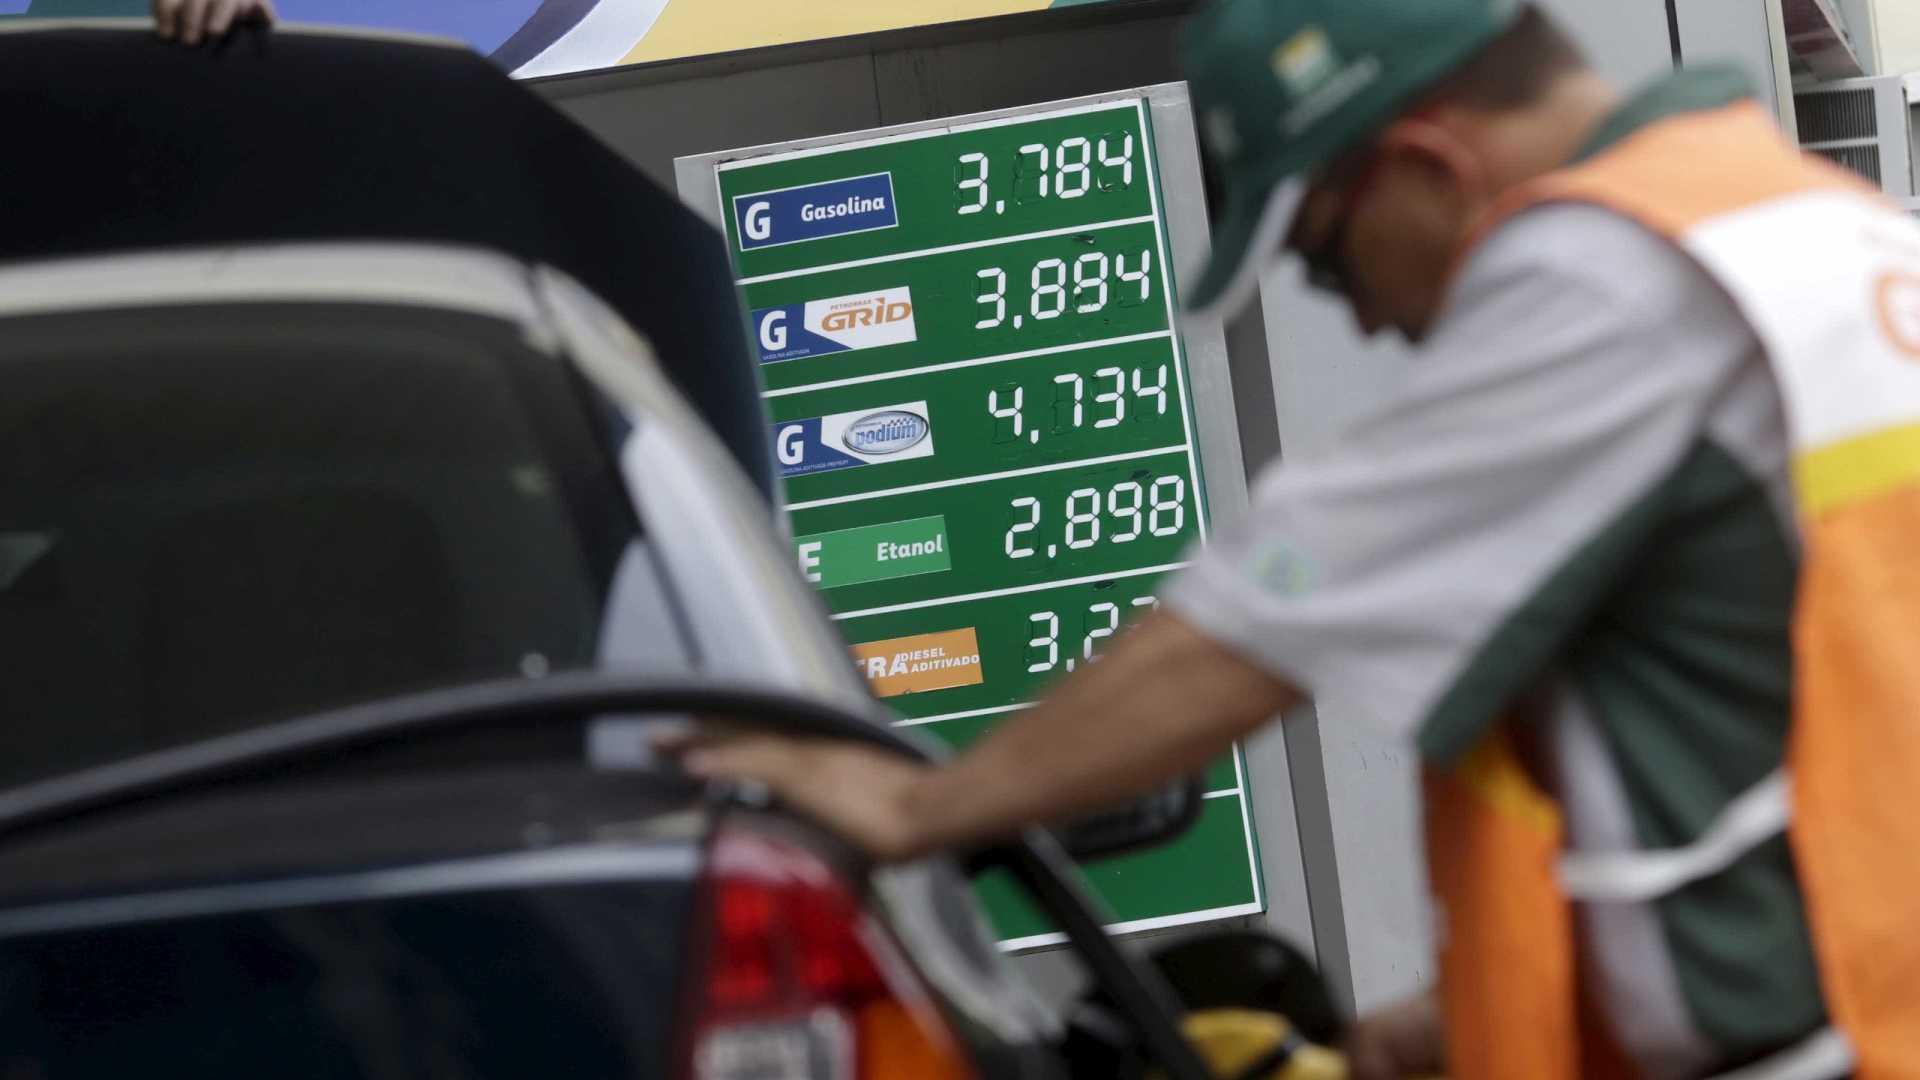 Projeto de Pinato fecha o cerco contra prática de cartel em postos de combustíveis